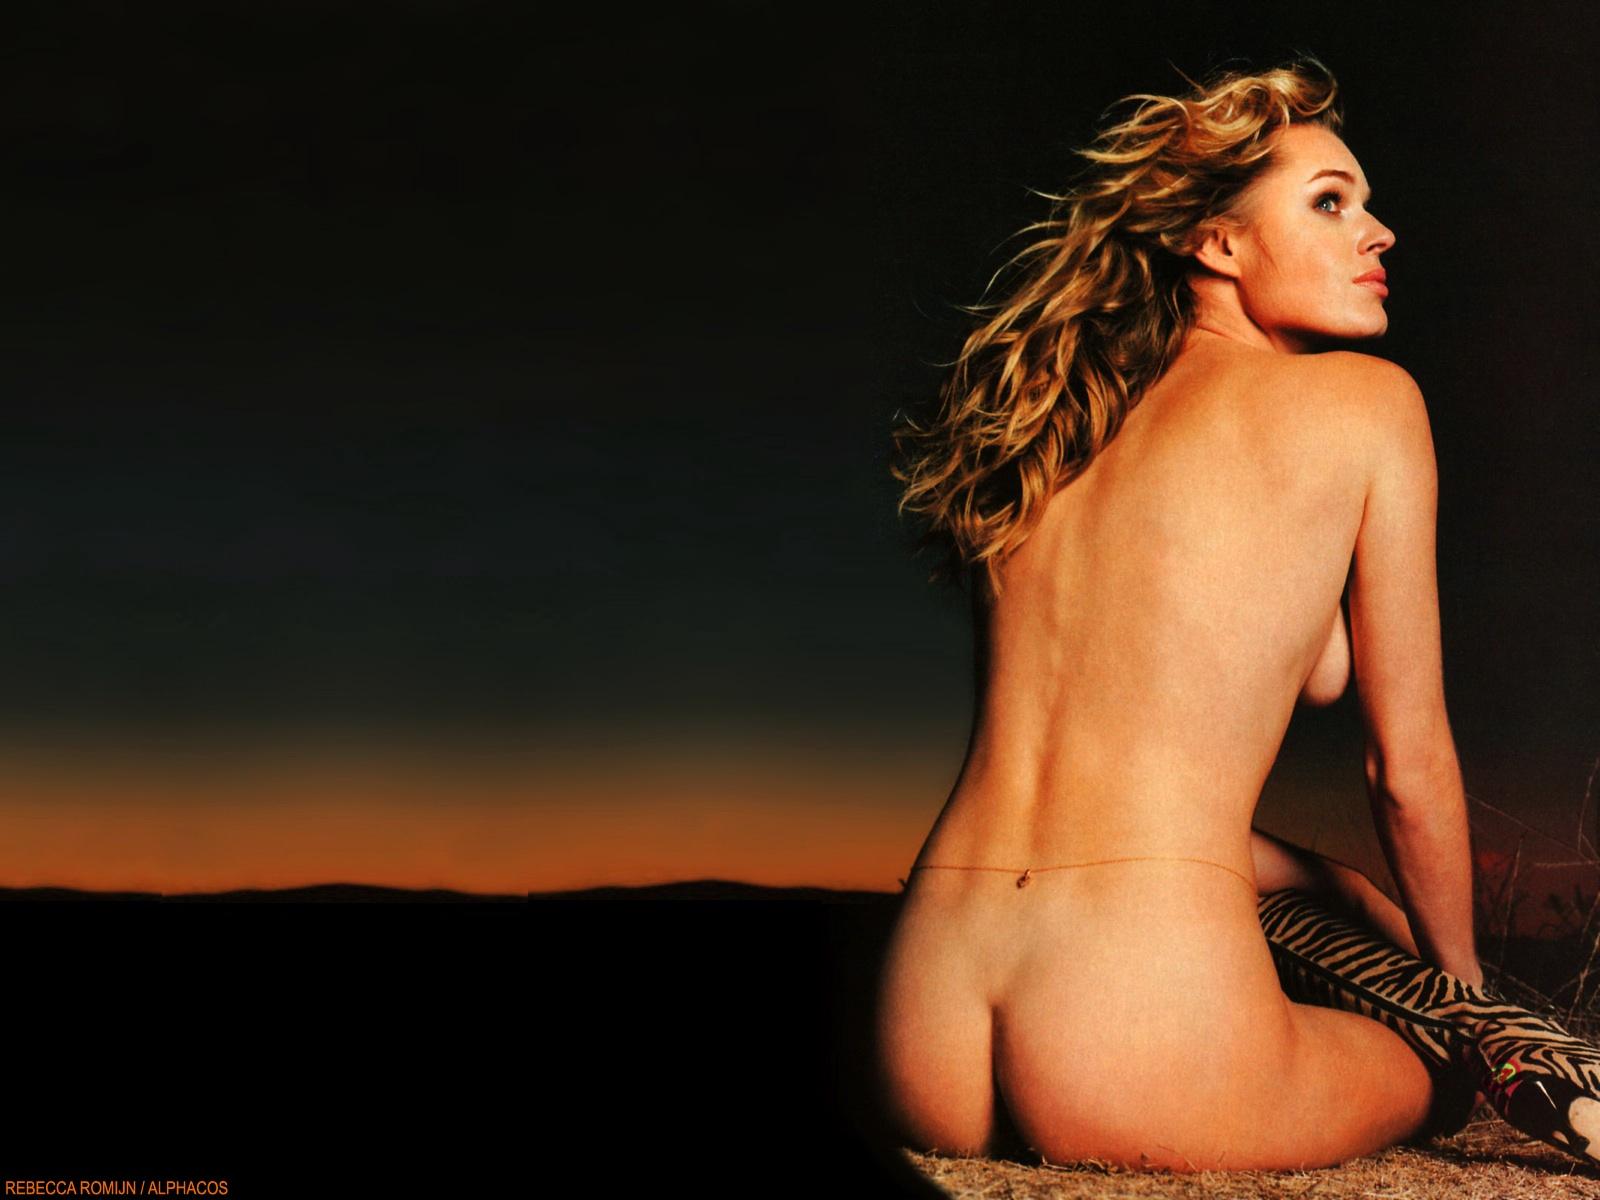 Ребекка ромейн nude 5 фотография